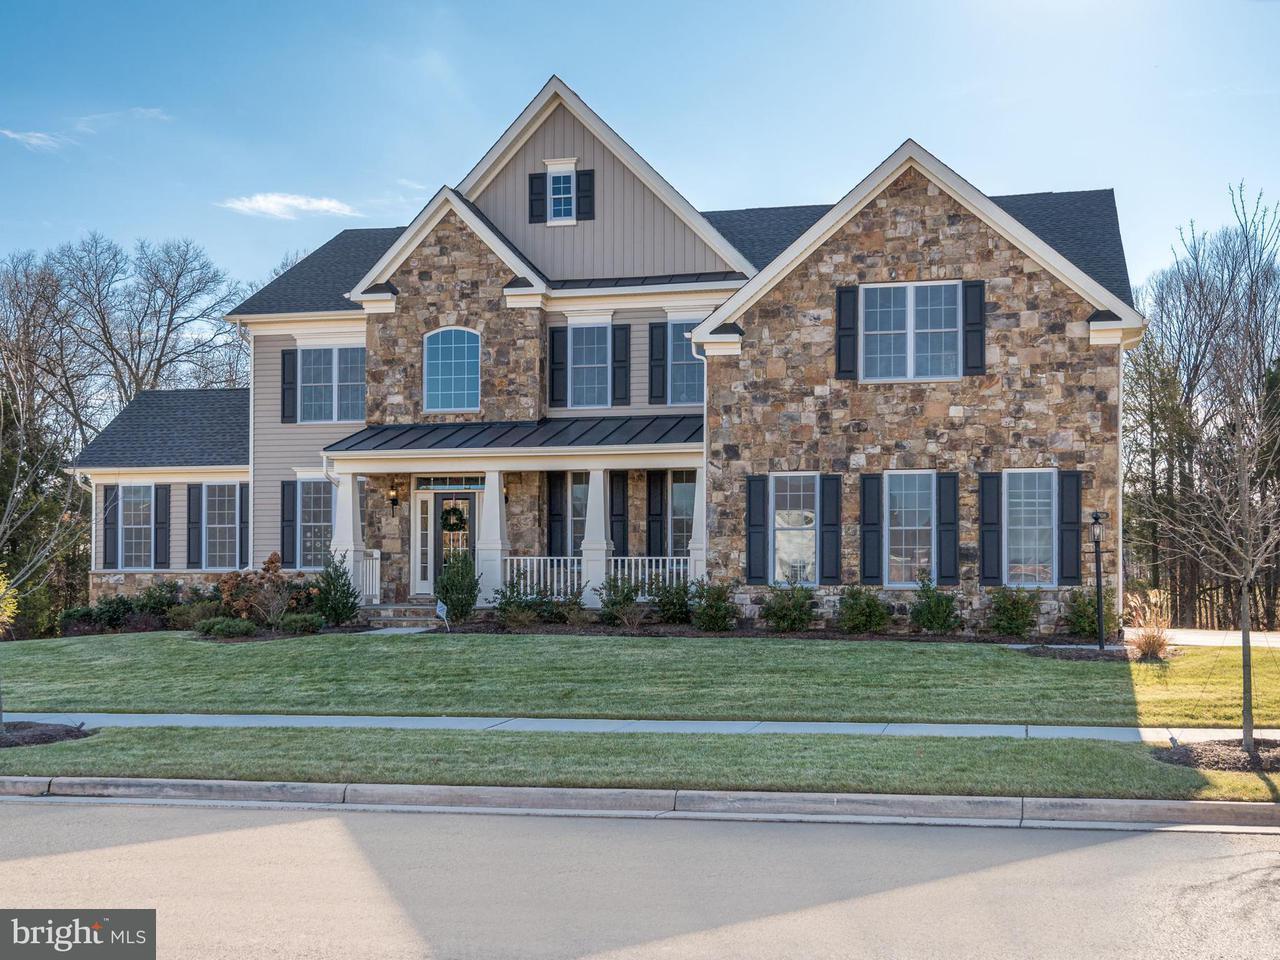 단독 가정 주택 용 매매 에 41308 Lavender Breeze Circle 41308 Lavender Breeze Circle Aldie, 버지니아 20105 미국